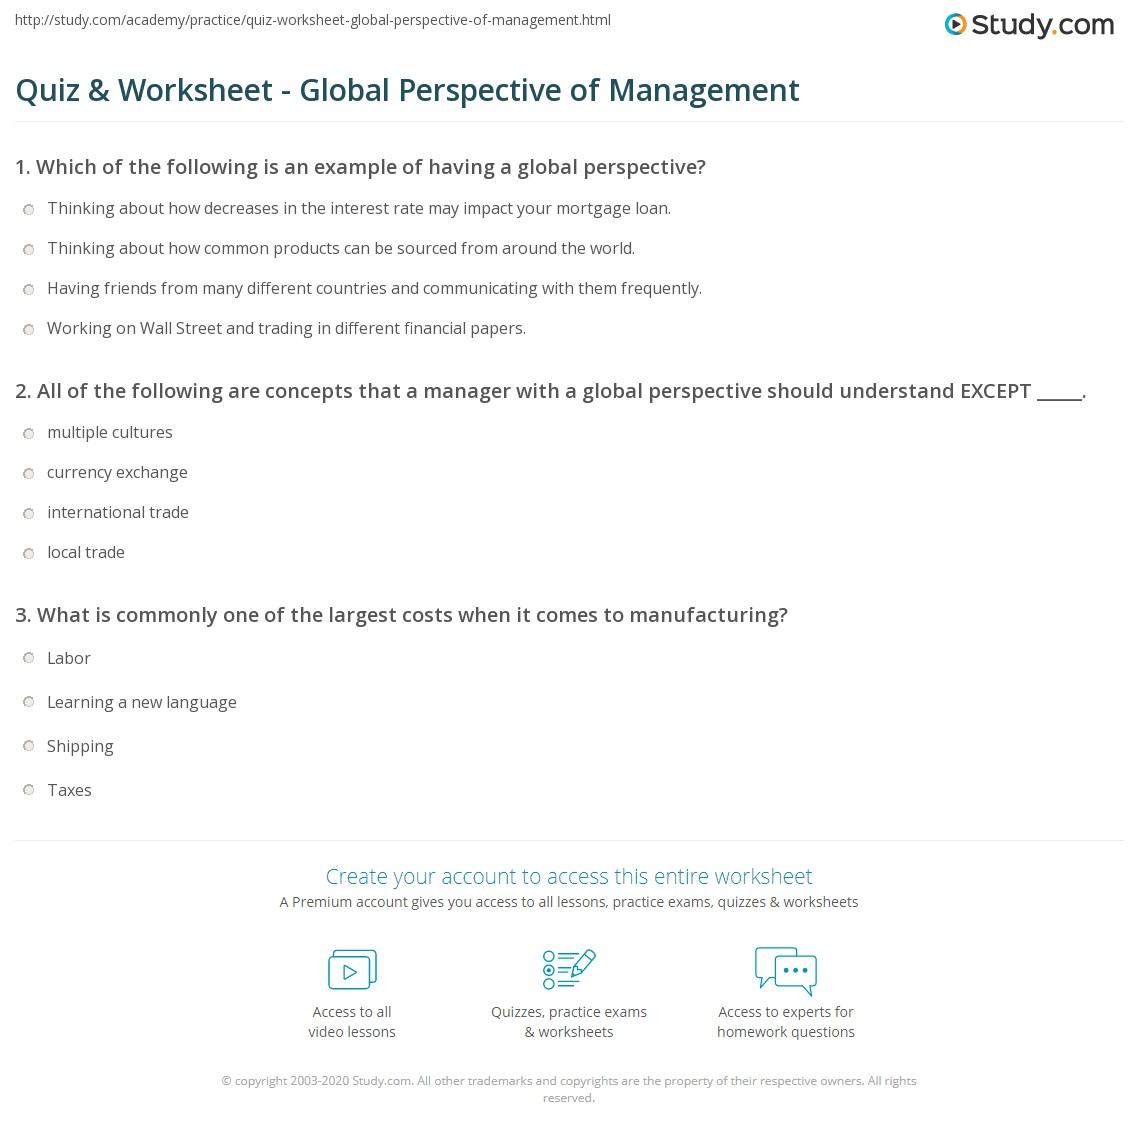 quiz worksheet global perspective of management. Black Bedroom Furniture Sets. Home Design Ideas